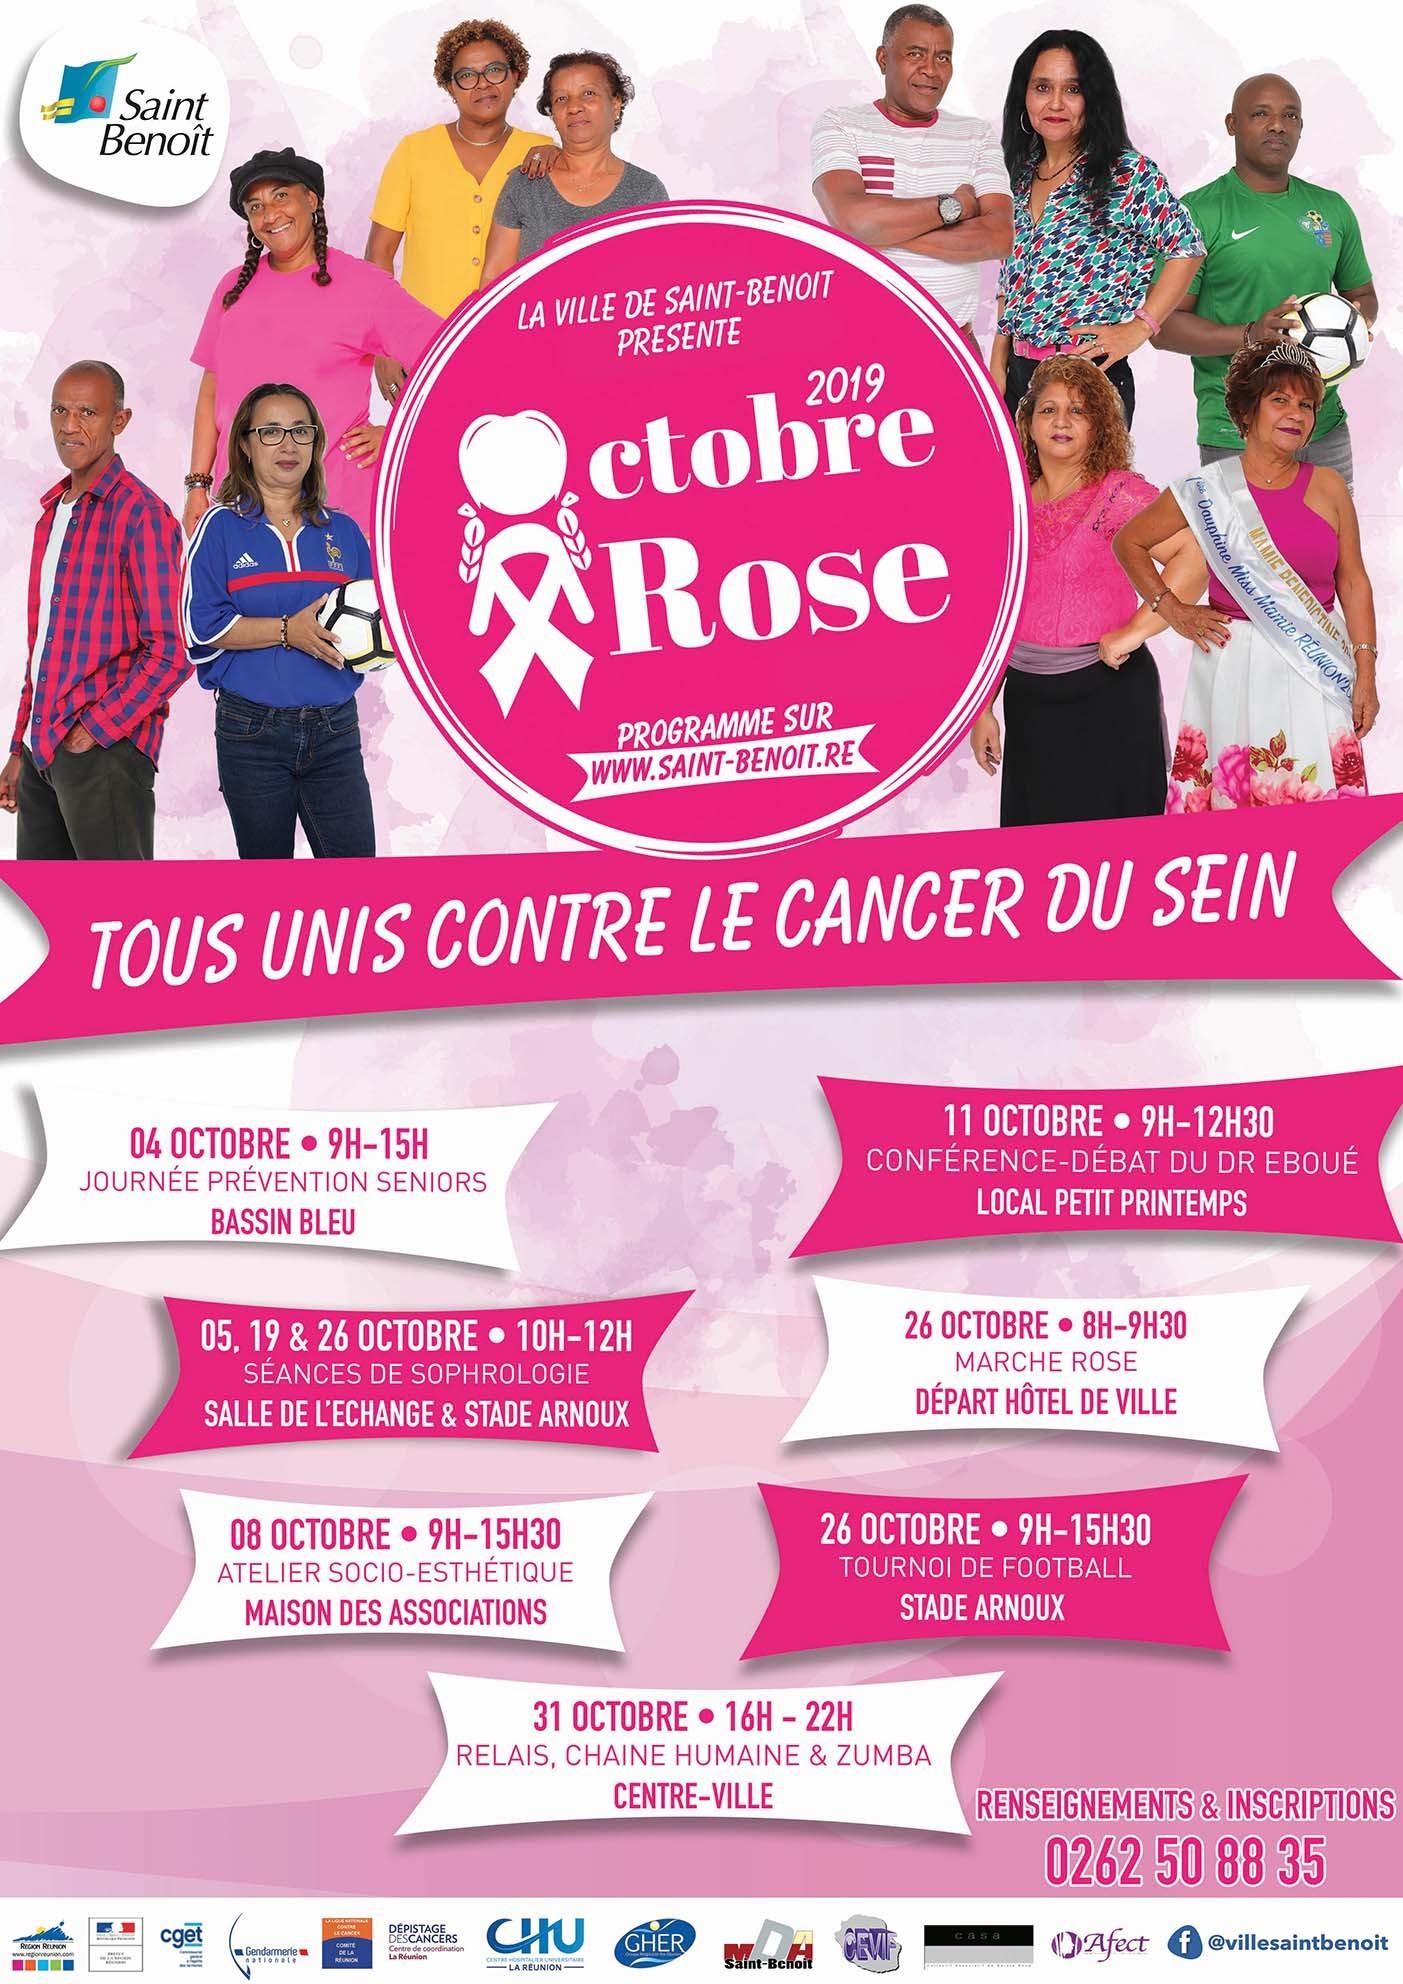 Octobre rose : un mois de mobilisation contre le cancer du sein !